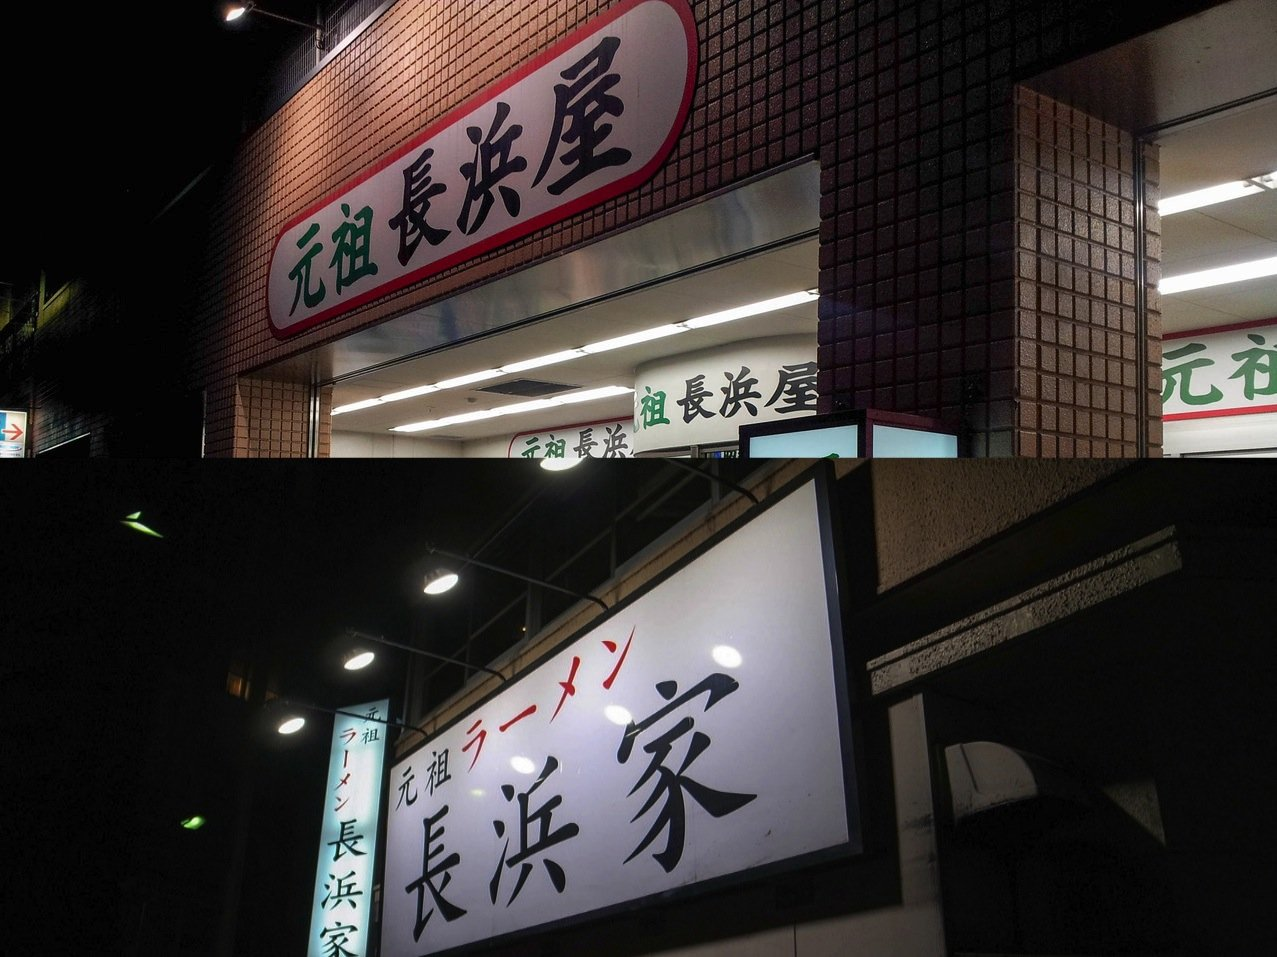 日本の恥「博多・長浜ラーメンのパクリ争い」は隣国に民度を疑われるレベル